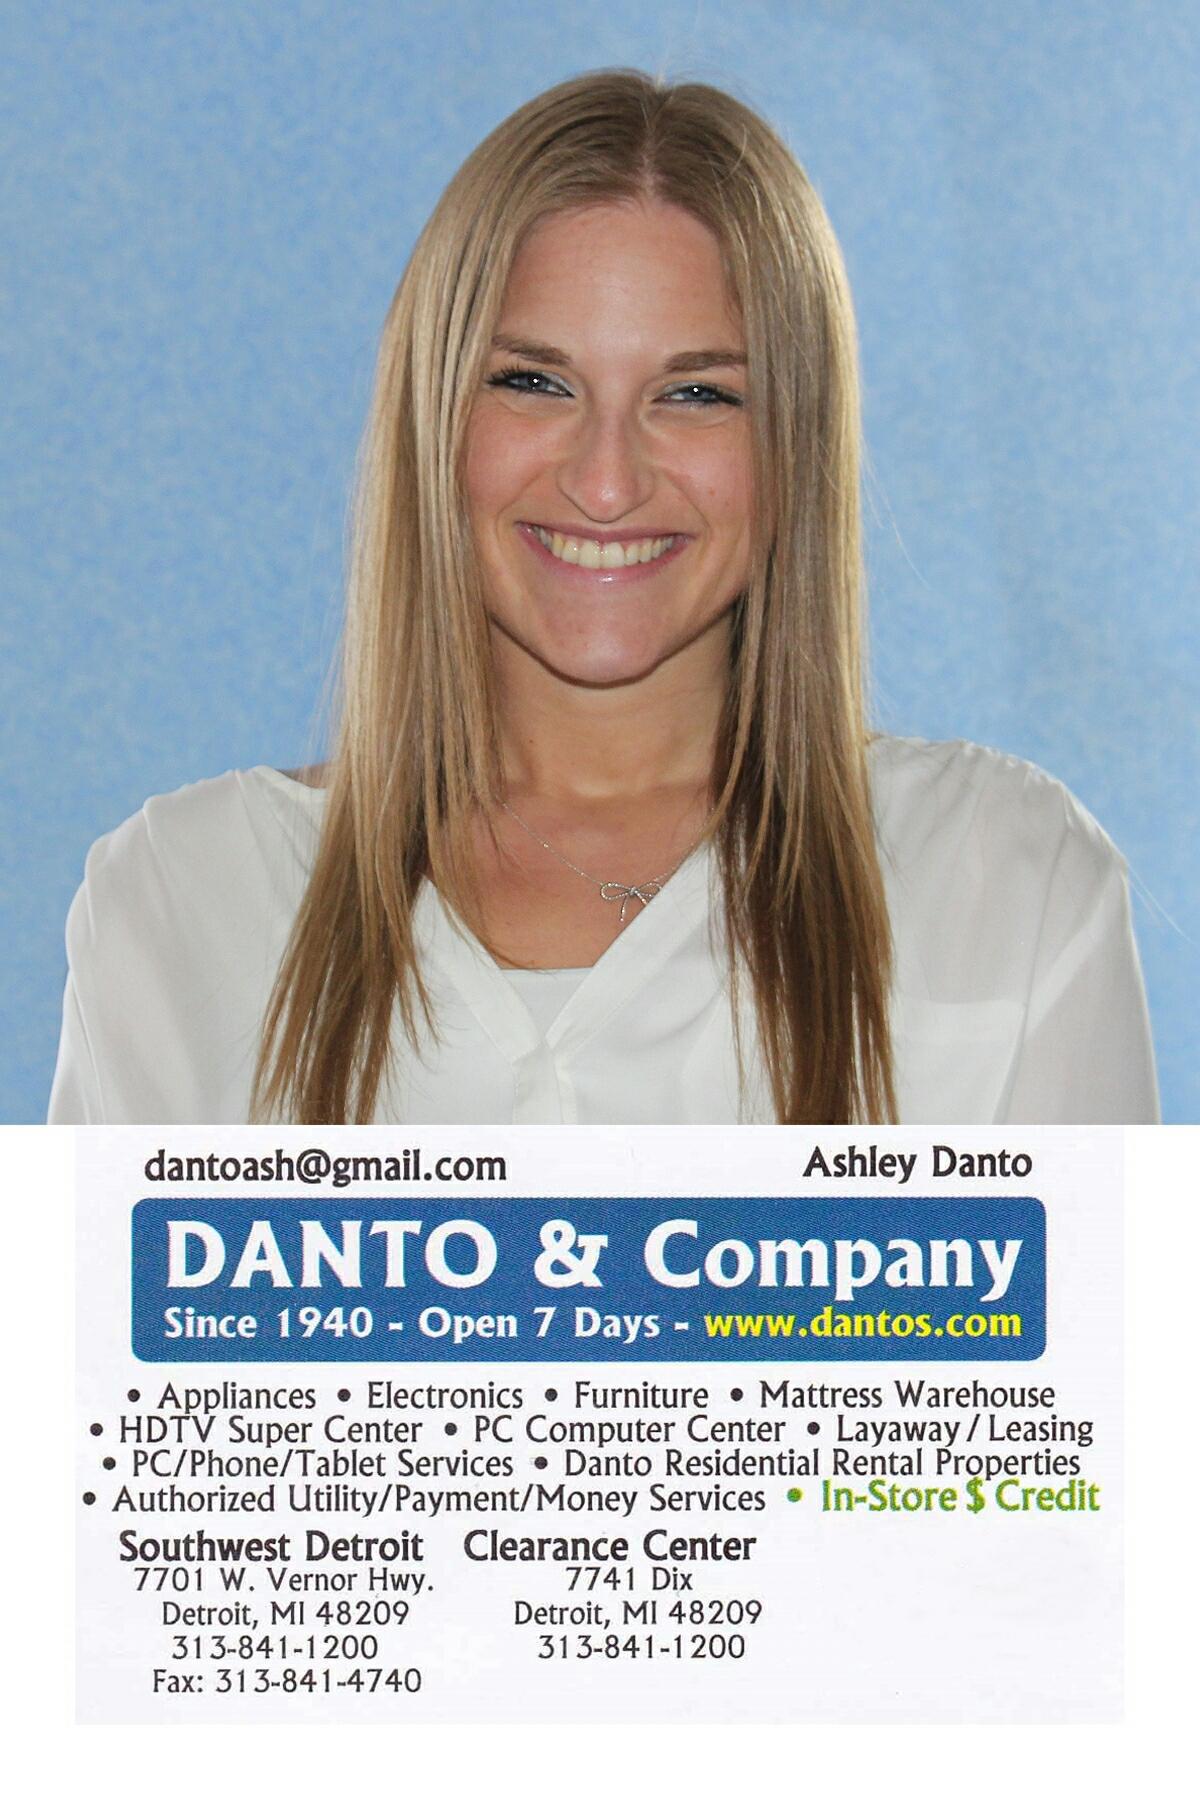 Url: Http://www.dantos.com